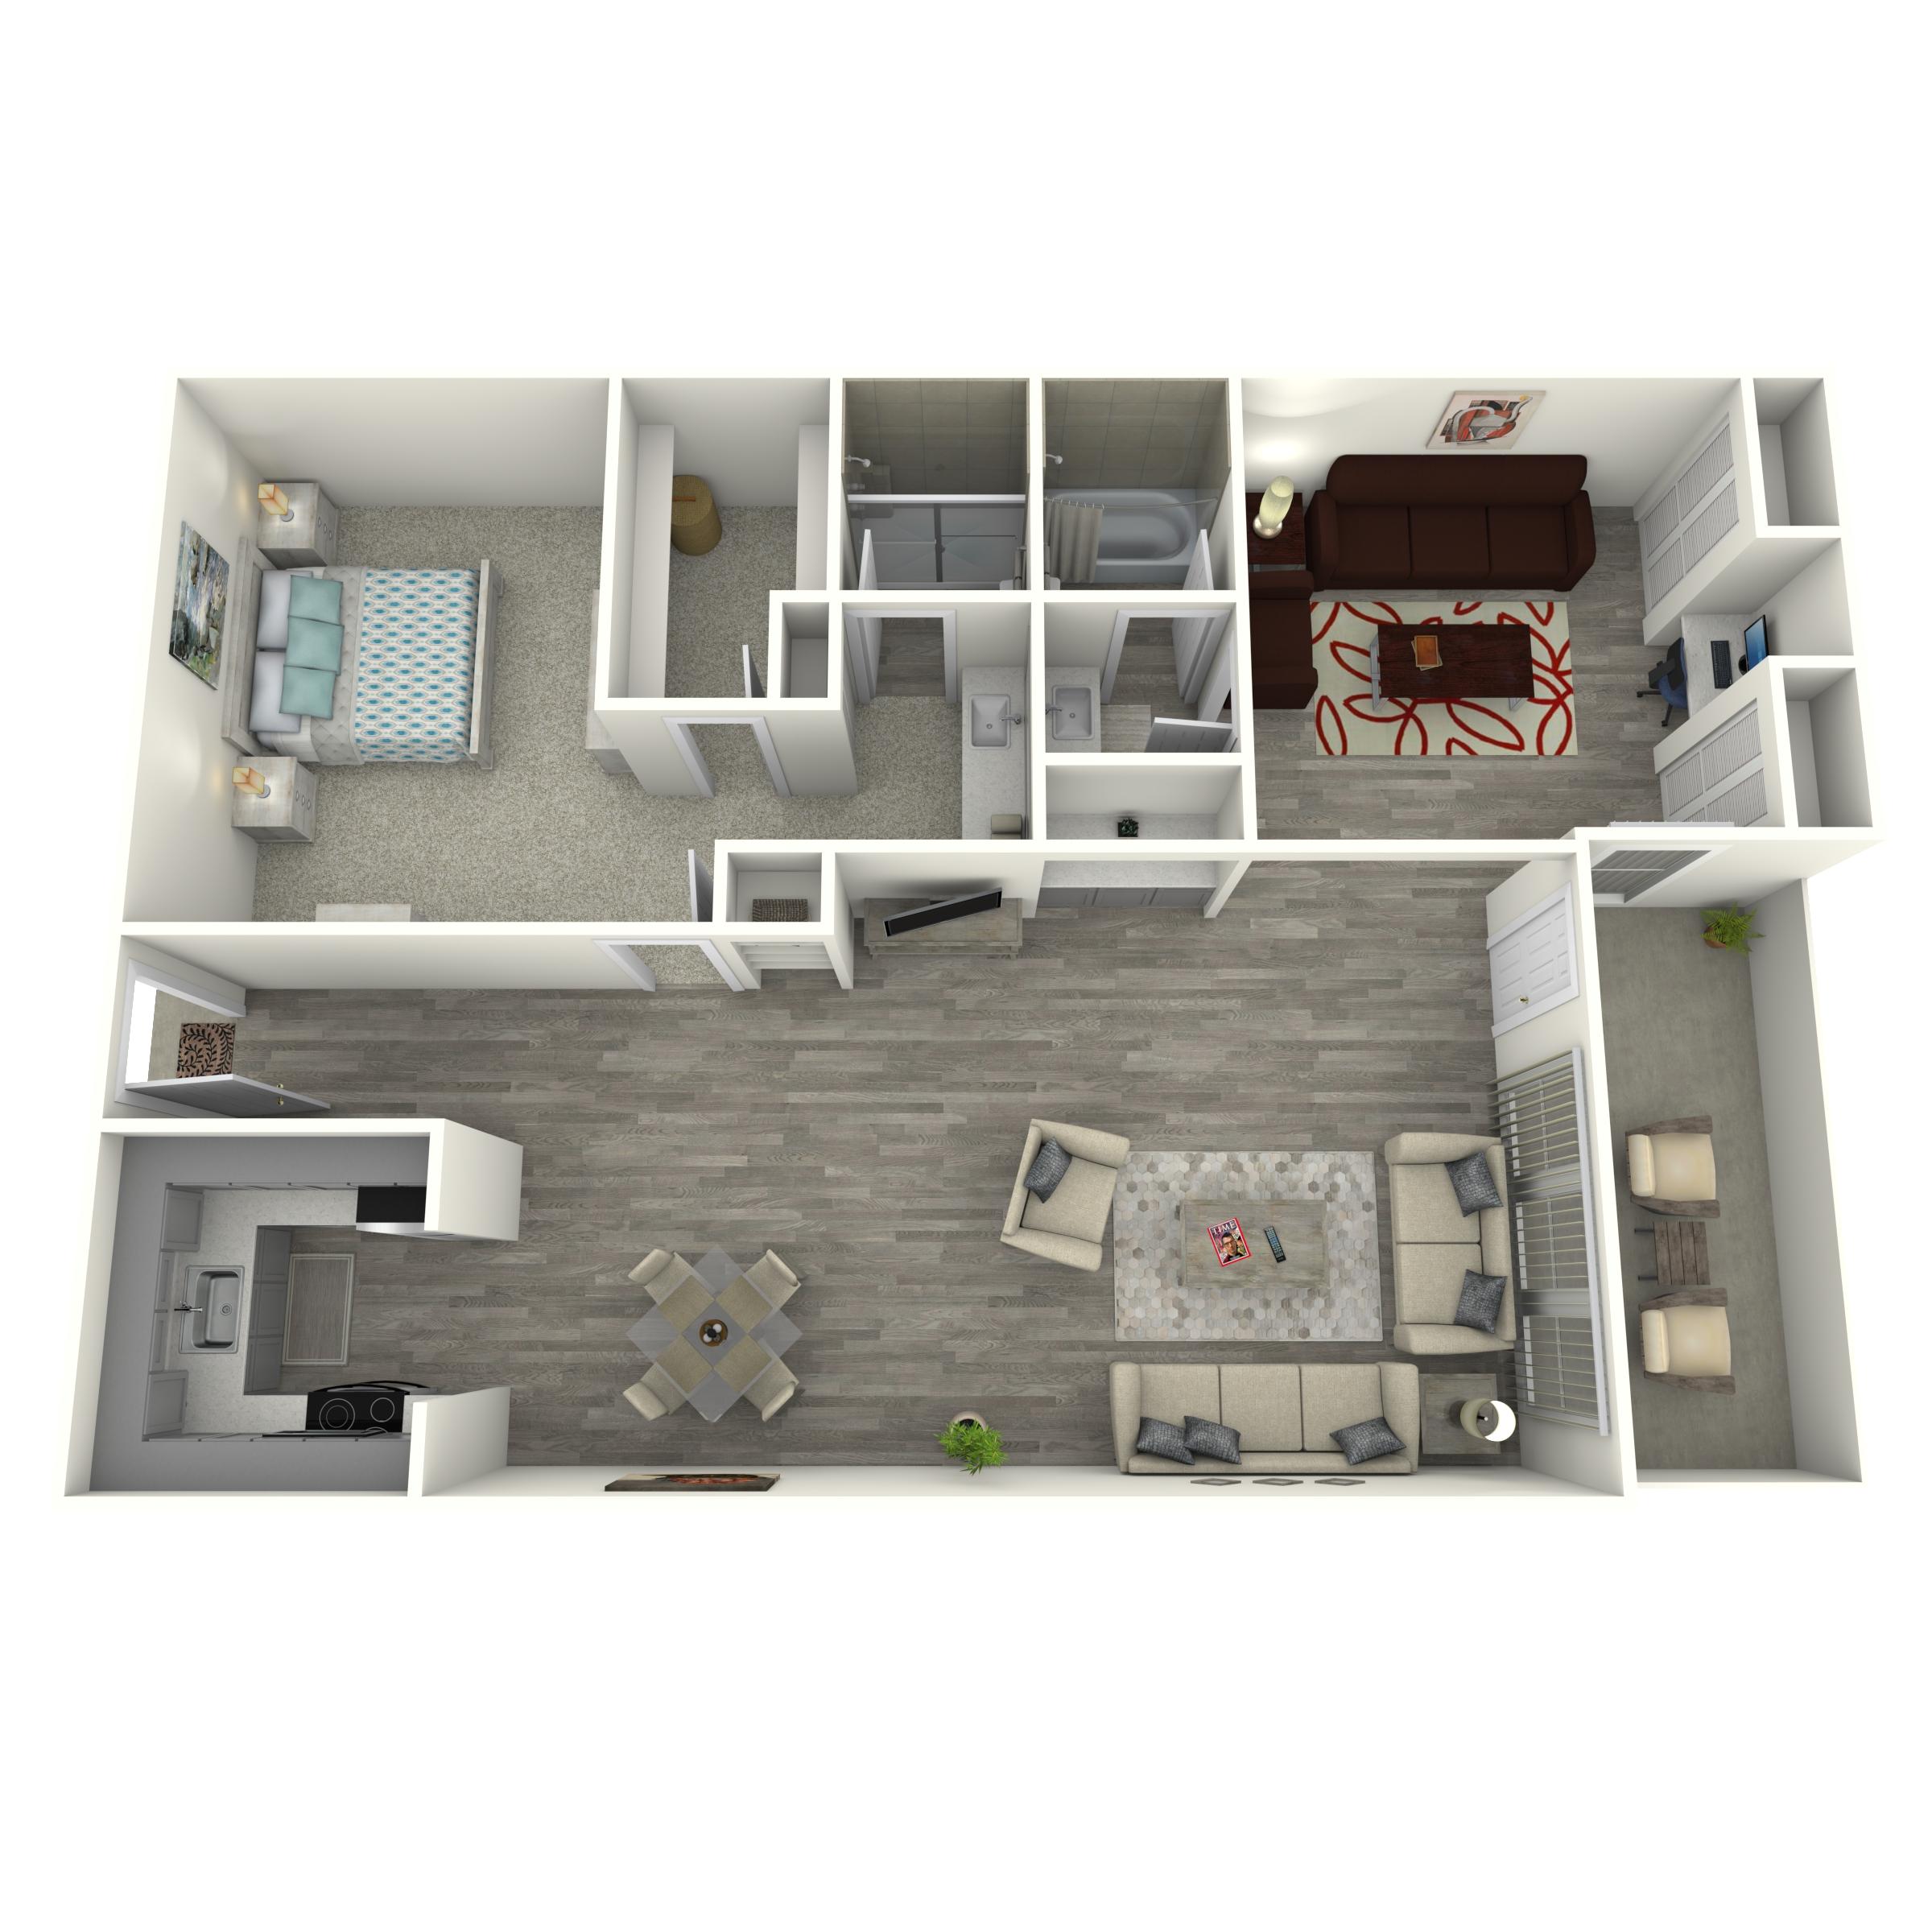 Floor plan image of 1x2 Den Renovated